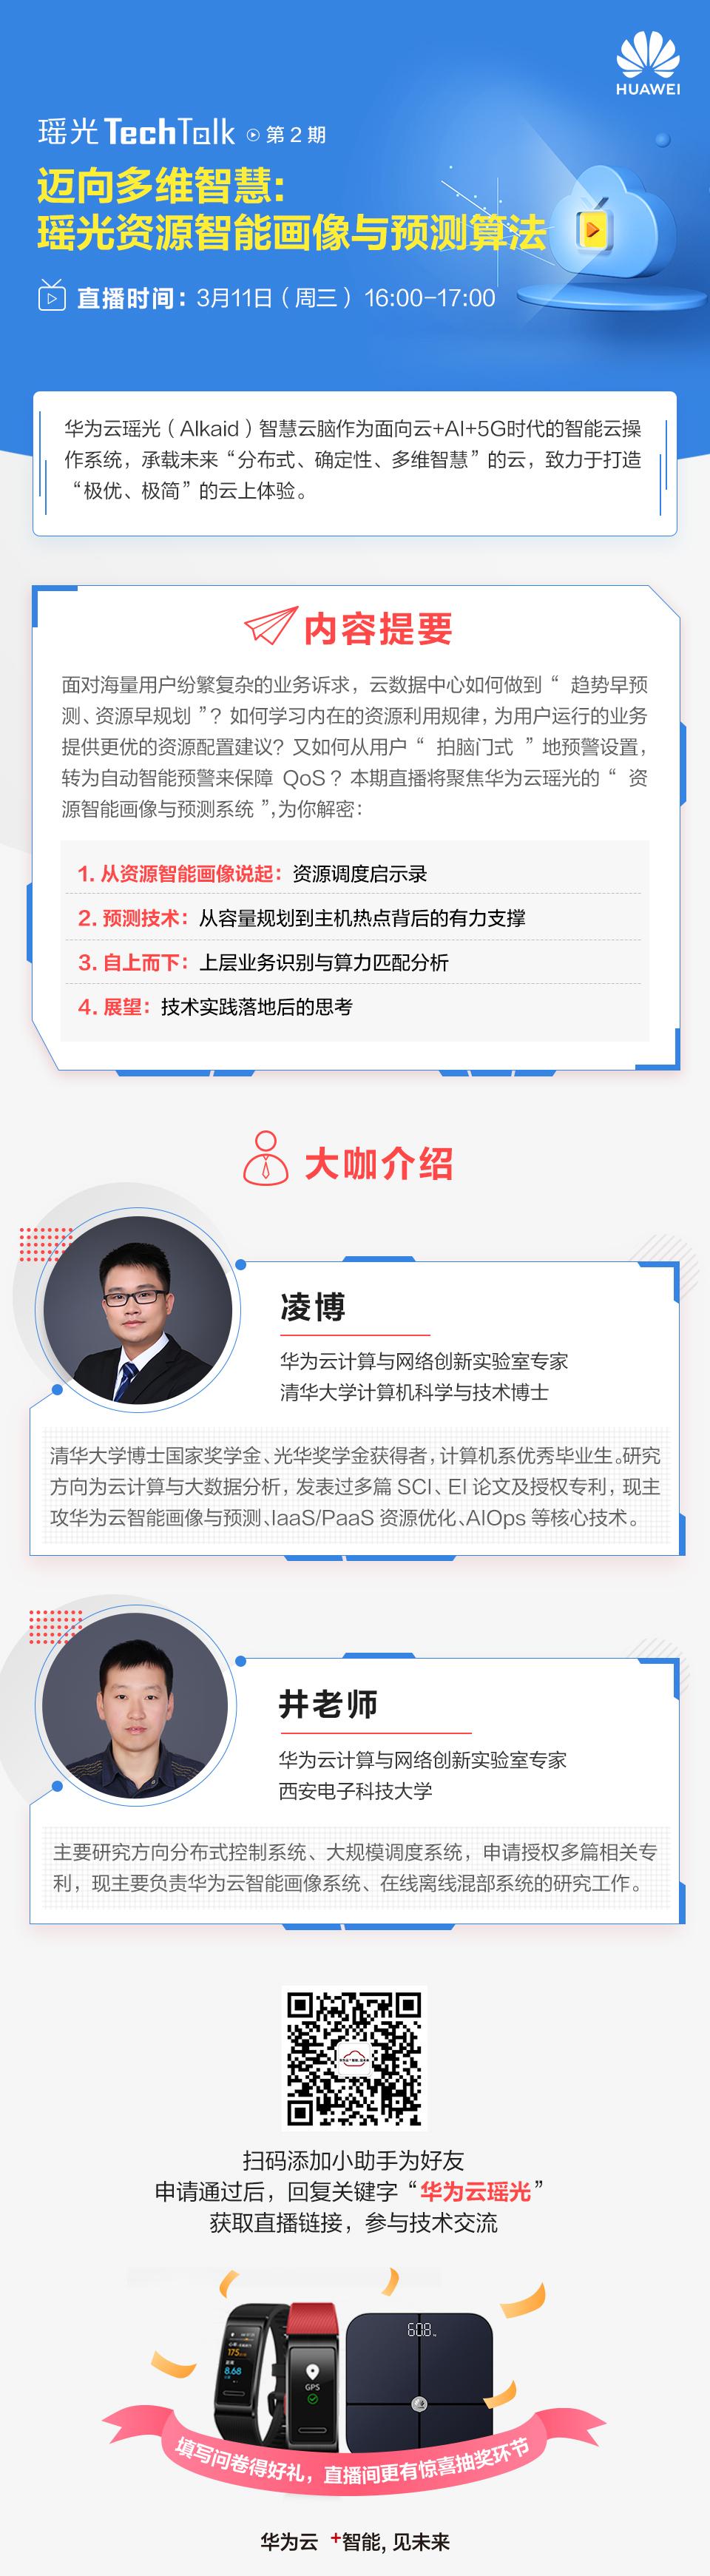 瑶光TechTalk直播间海报.jpg